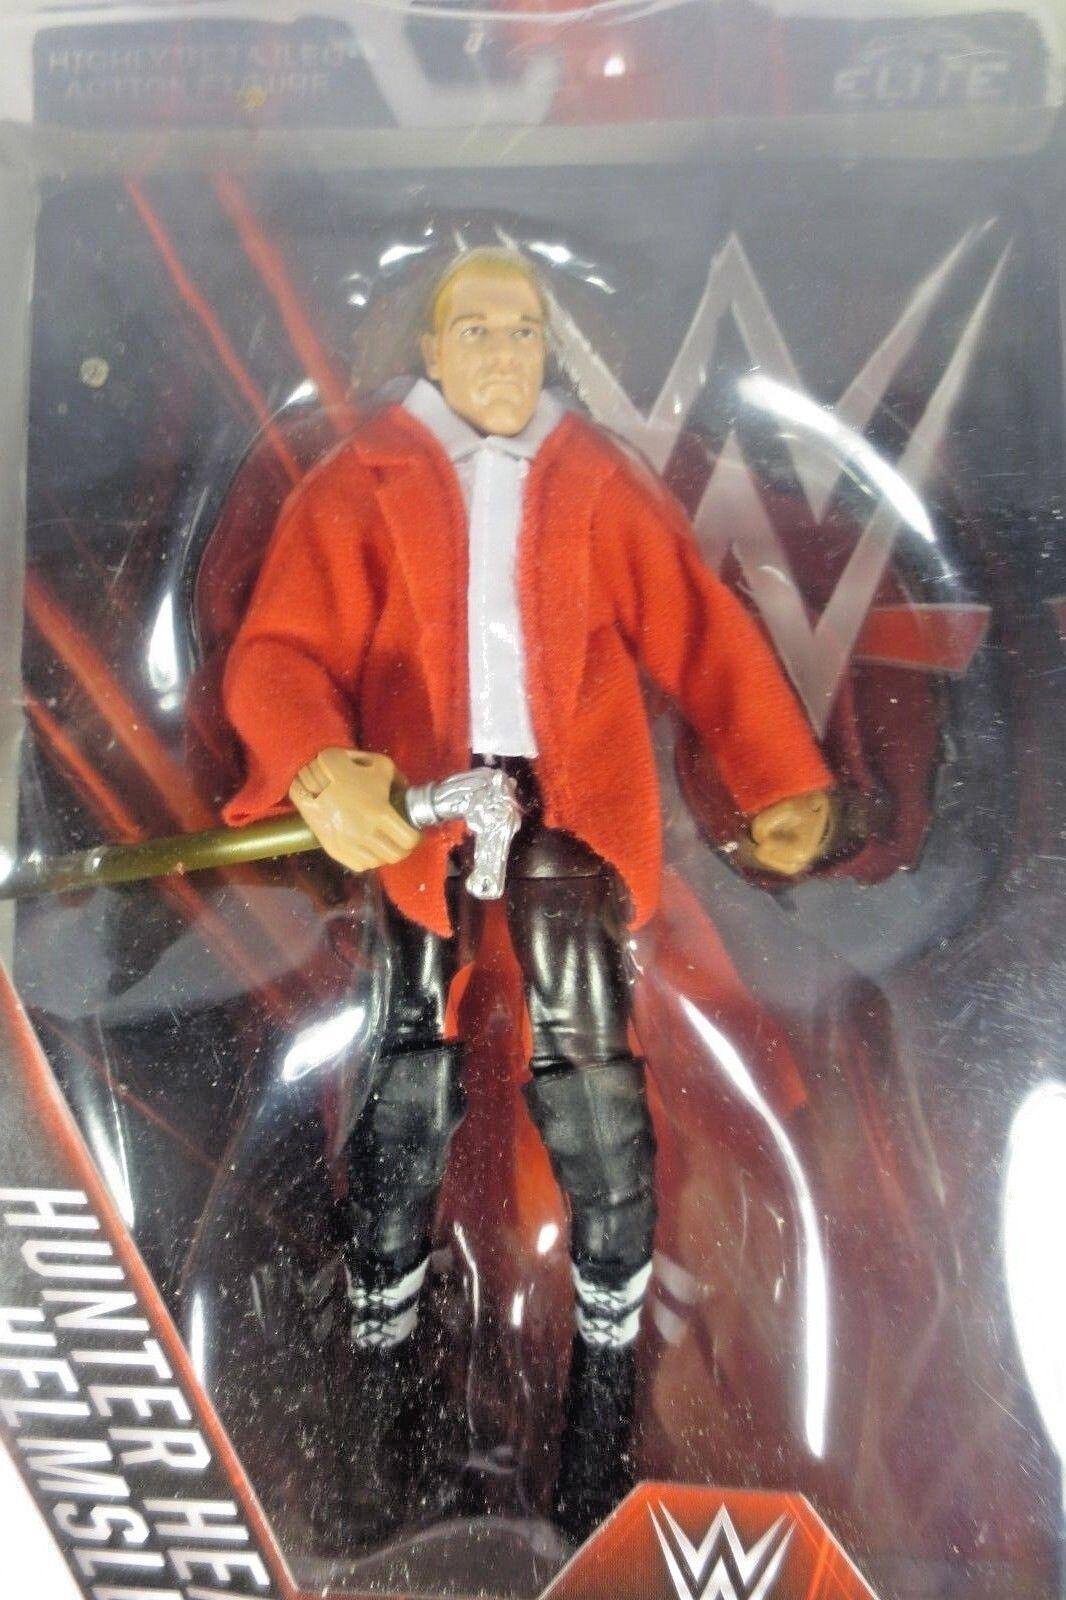 Mattel - WWE Network Spotlight - Hunter Hearst Helmsley(Tripe H) - Action Figure